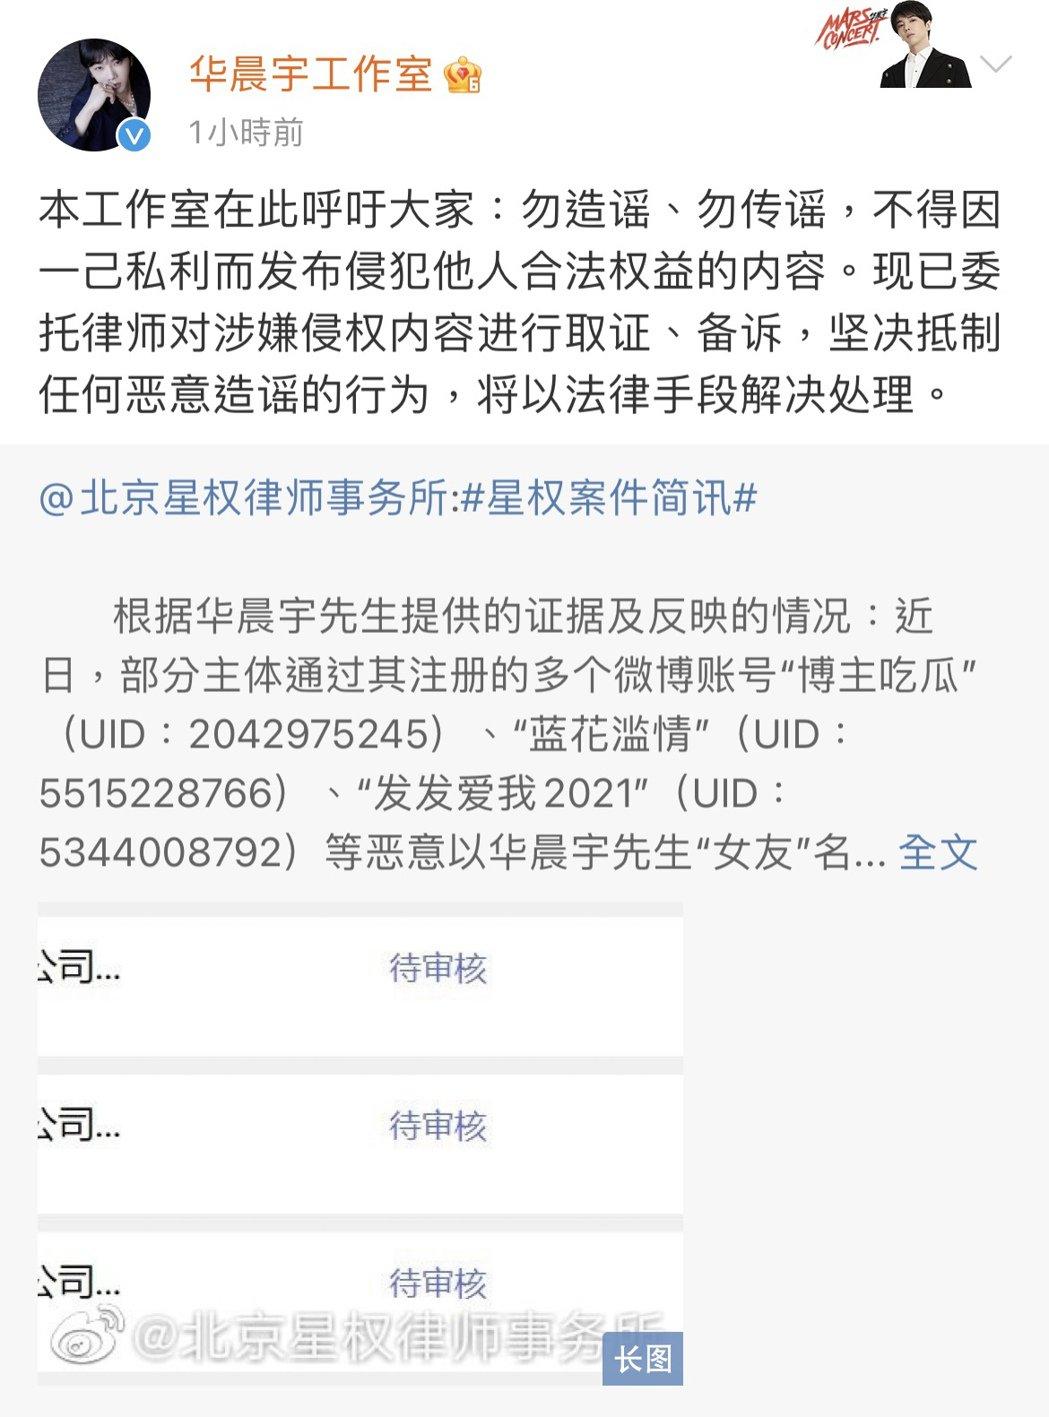 華晨宇工作室聲明爆料不實,已提告。圖/摘自微博